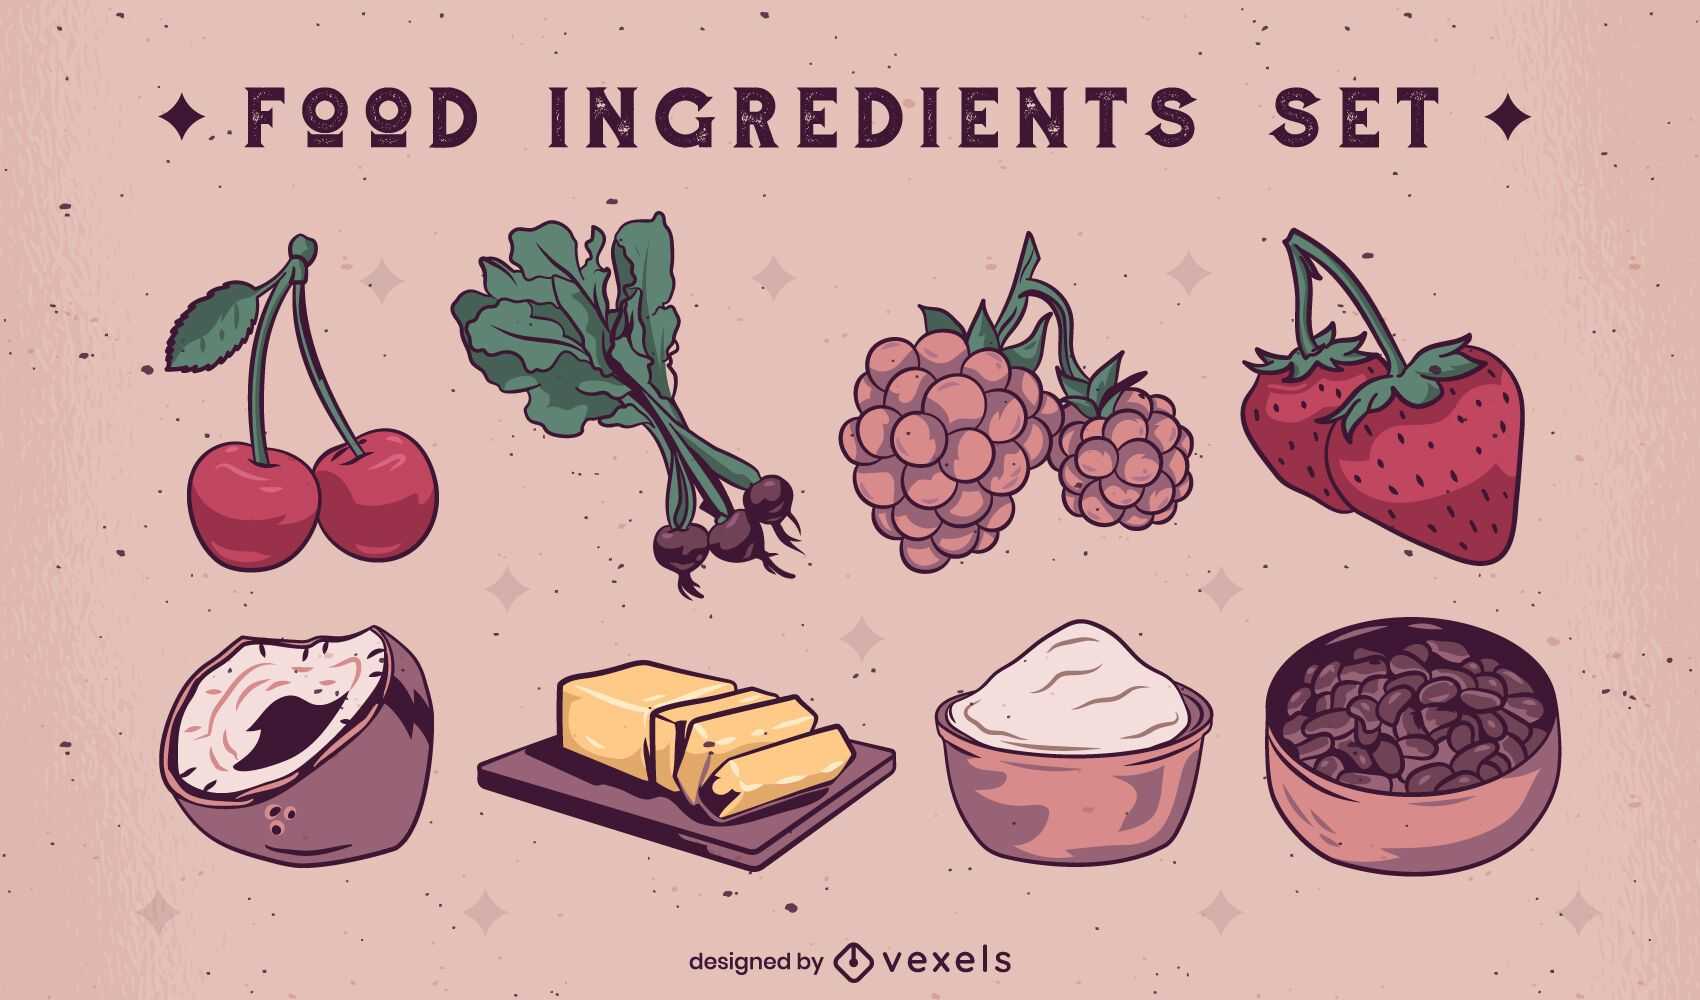 Food elements ingredients set illustration